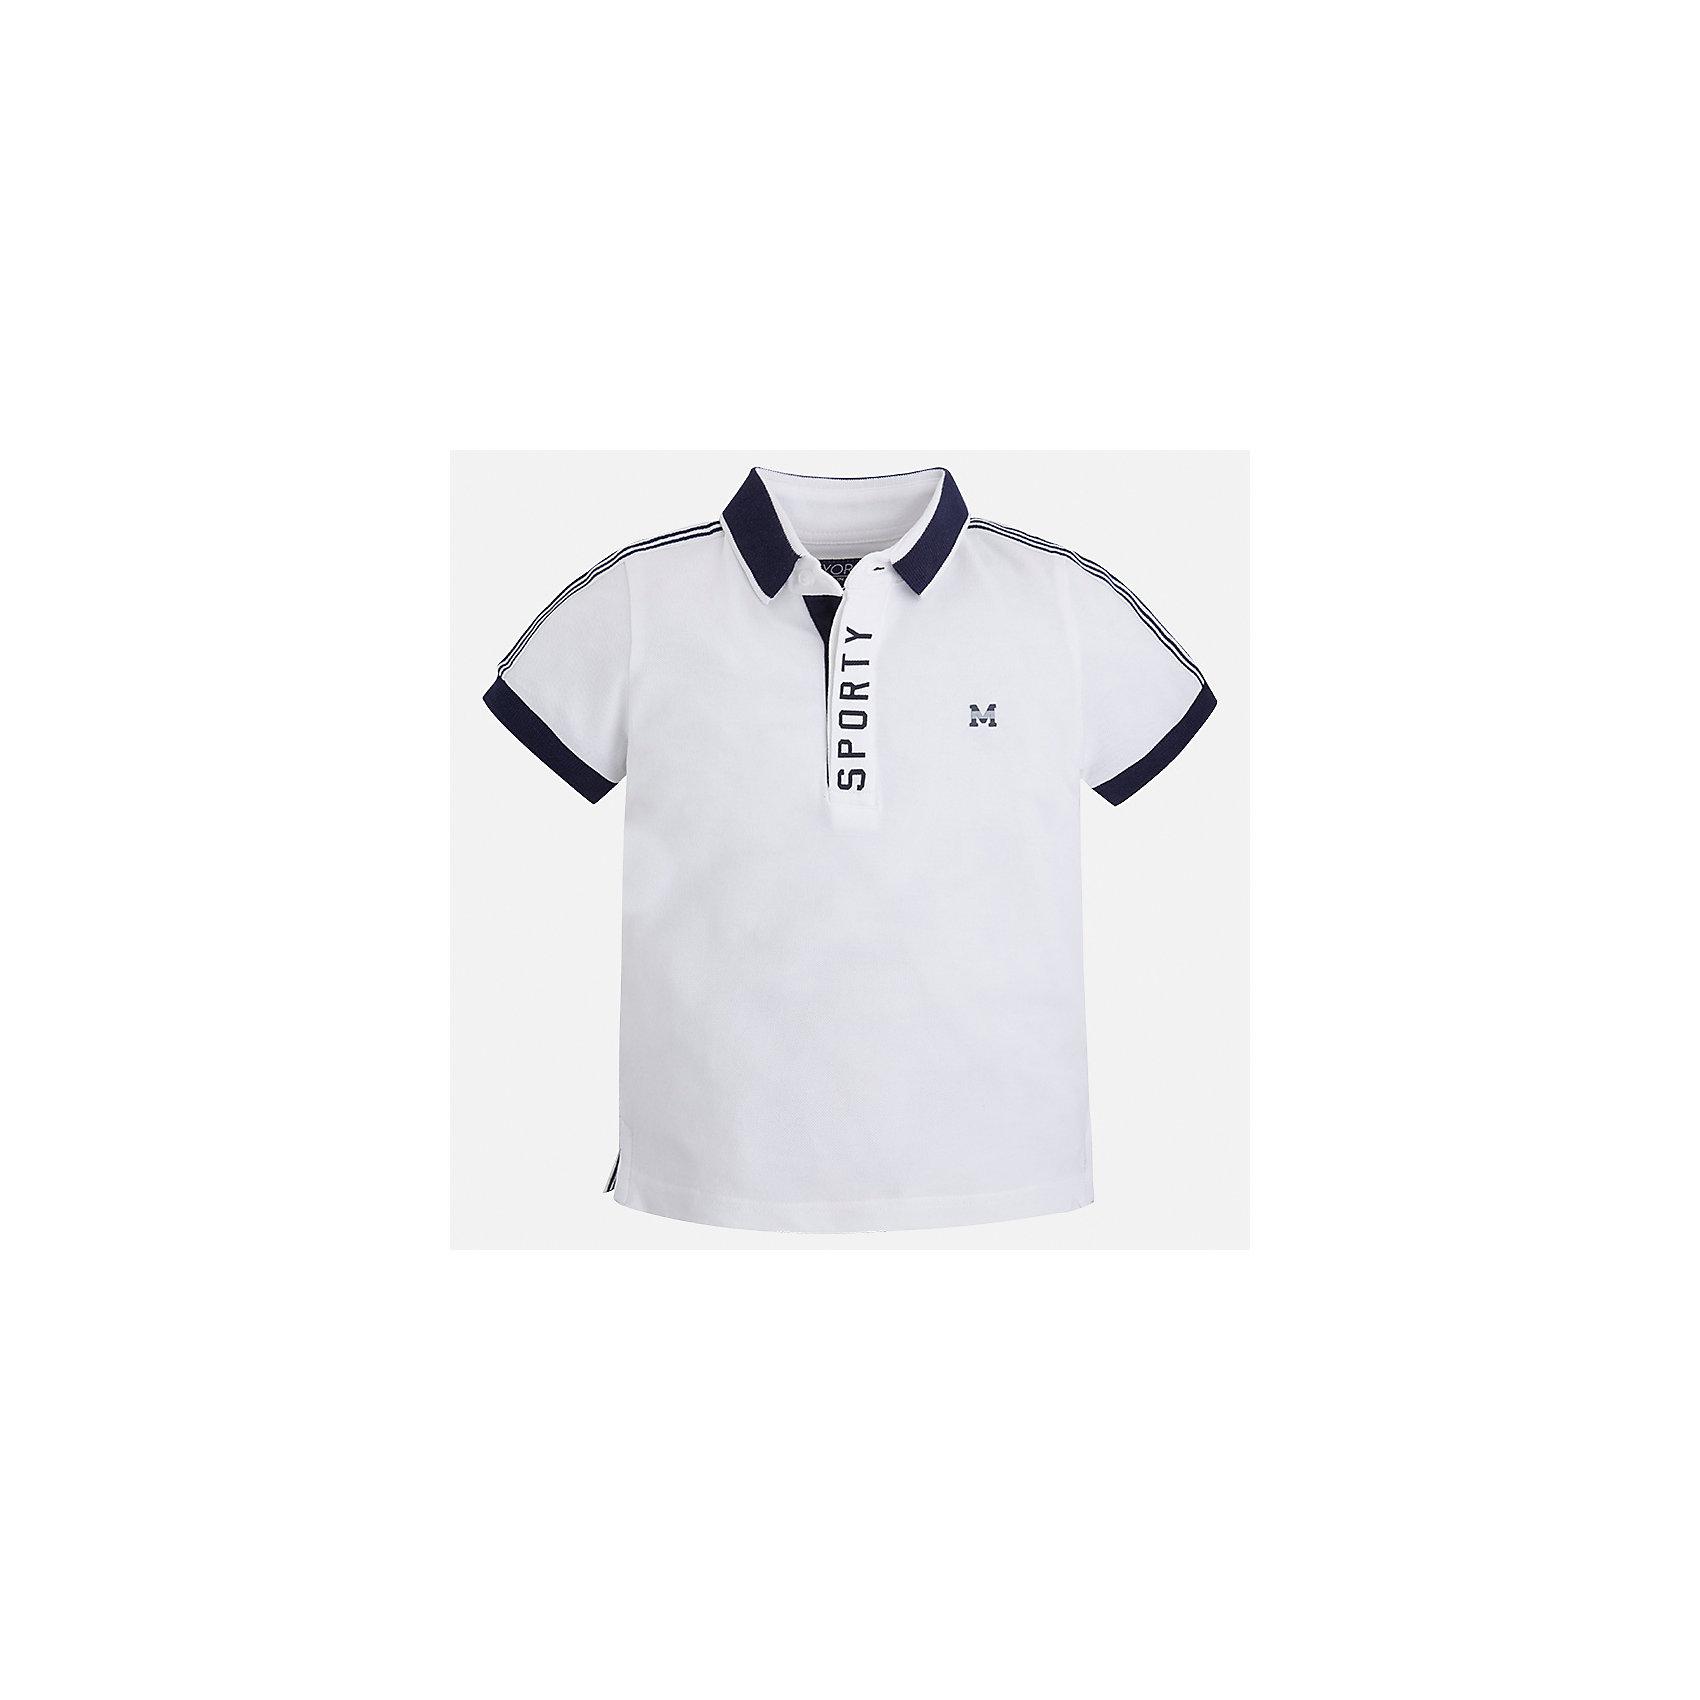 Футболка-поло для мальчика MayoralФутболки, поло и топы<br>Характеристики товара:<br><br>• цвет: белый<br>• состав: 95% хлопок, 5% эластан<br>• отложной воротник<br>• короткие рукава<br>• застежка: пуговицы<br>• декорирована принтом<br>• страна бренда: Испания<br><br>Стильная футболка-поло для мальчика может стать базовой вещью в гардеробе ребенка. Она отлично сочетается с брюками, шортами, джинсами и т.д. Универсальный крой и цвет позволяет подобрать к вещи низ разных расцветок. Практичное и стильное изделие! В составе материала - натуральный хлопок, гипоаллергенный, приятный на ощупь, дышащий.<br><br>Одежда, обувь и аксессуары от испанского бренда Mayoral полюбились детям и взрослым по всему миру. Модели этой марки - стильные и удобные. Для их производства используются только безопасные, качественные материалы и фурнитура. Порадуйте ребенка модными и красивыми вещами от Mayoral! <br><br>Футболку-поло для мальчика от испанского бренда Mayoral (Майорал) можно купить в нашем интернет-магазине.<br><br>Ширина мм: 230<br>Глубина мм: 40<br>Высота мм: 220<br>Вес г: 250<br>Цвет: белый<br>Возраст от месяцев: 72<br>Возраст до месяцев: 84<br>Пол: Мужской<br>Возраст: Детский<br>Размер: 122,134,116,110,104,98,92,128<br>SKU: 5272054